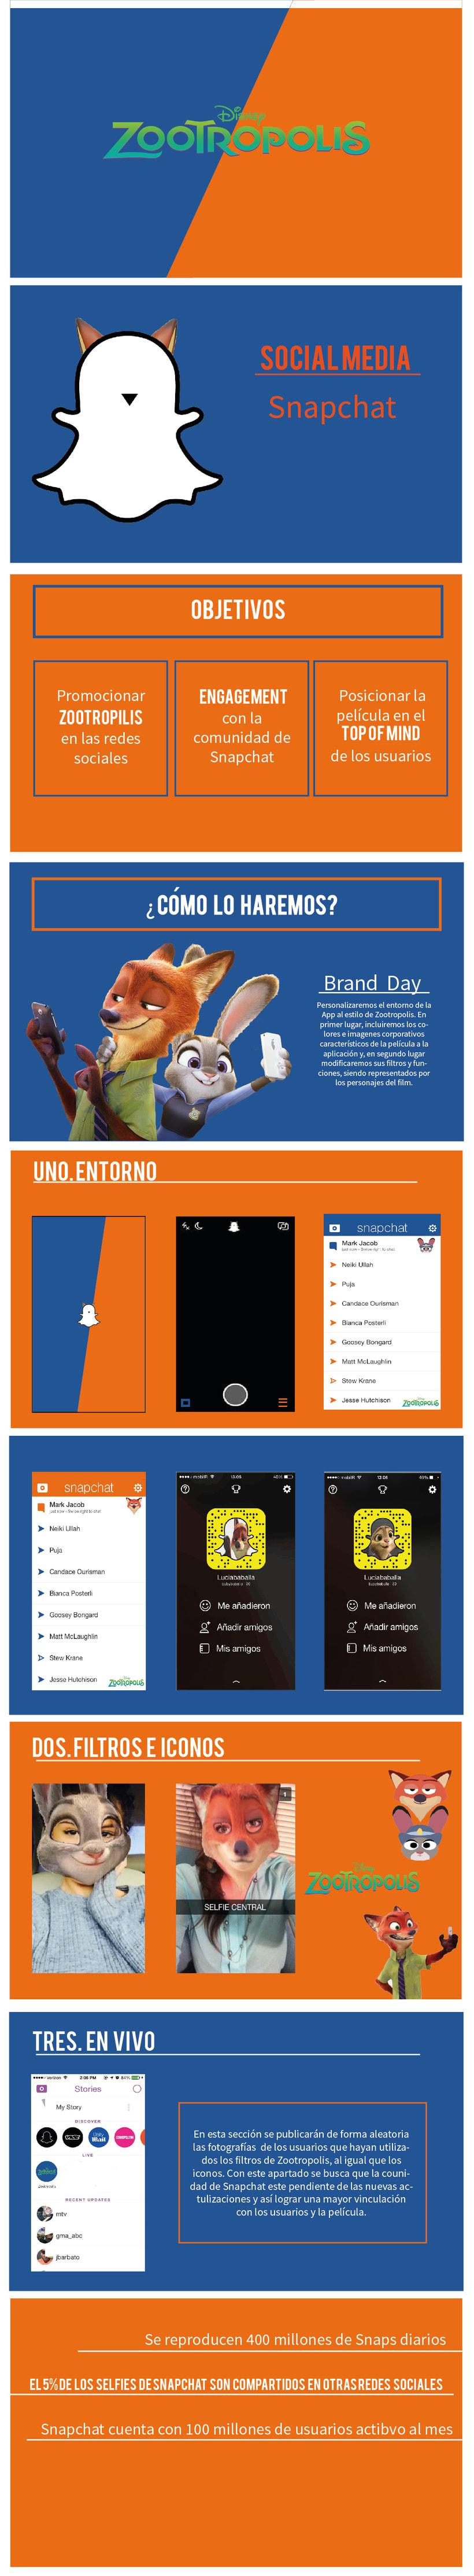 Social Media. Zootropolis -1